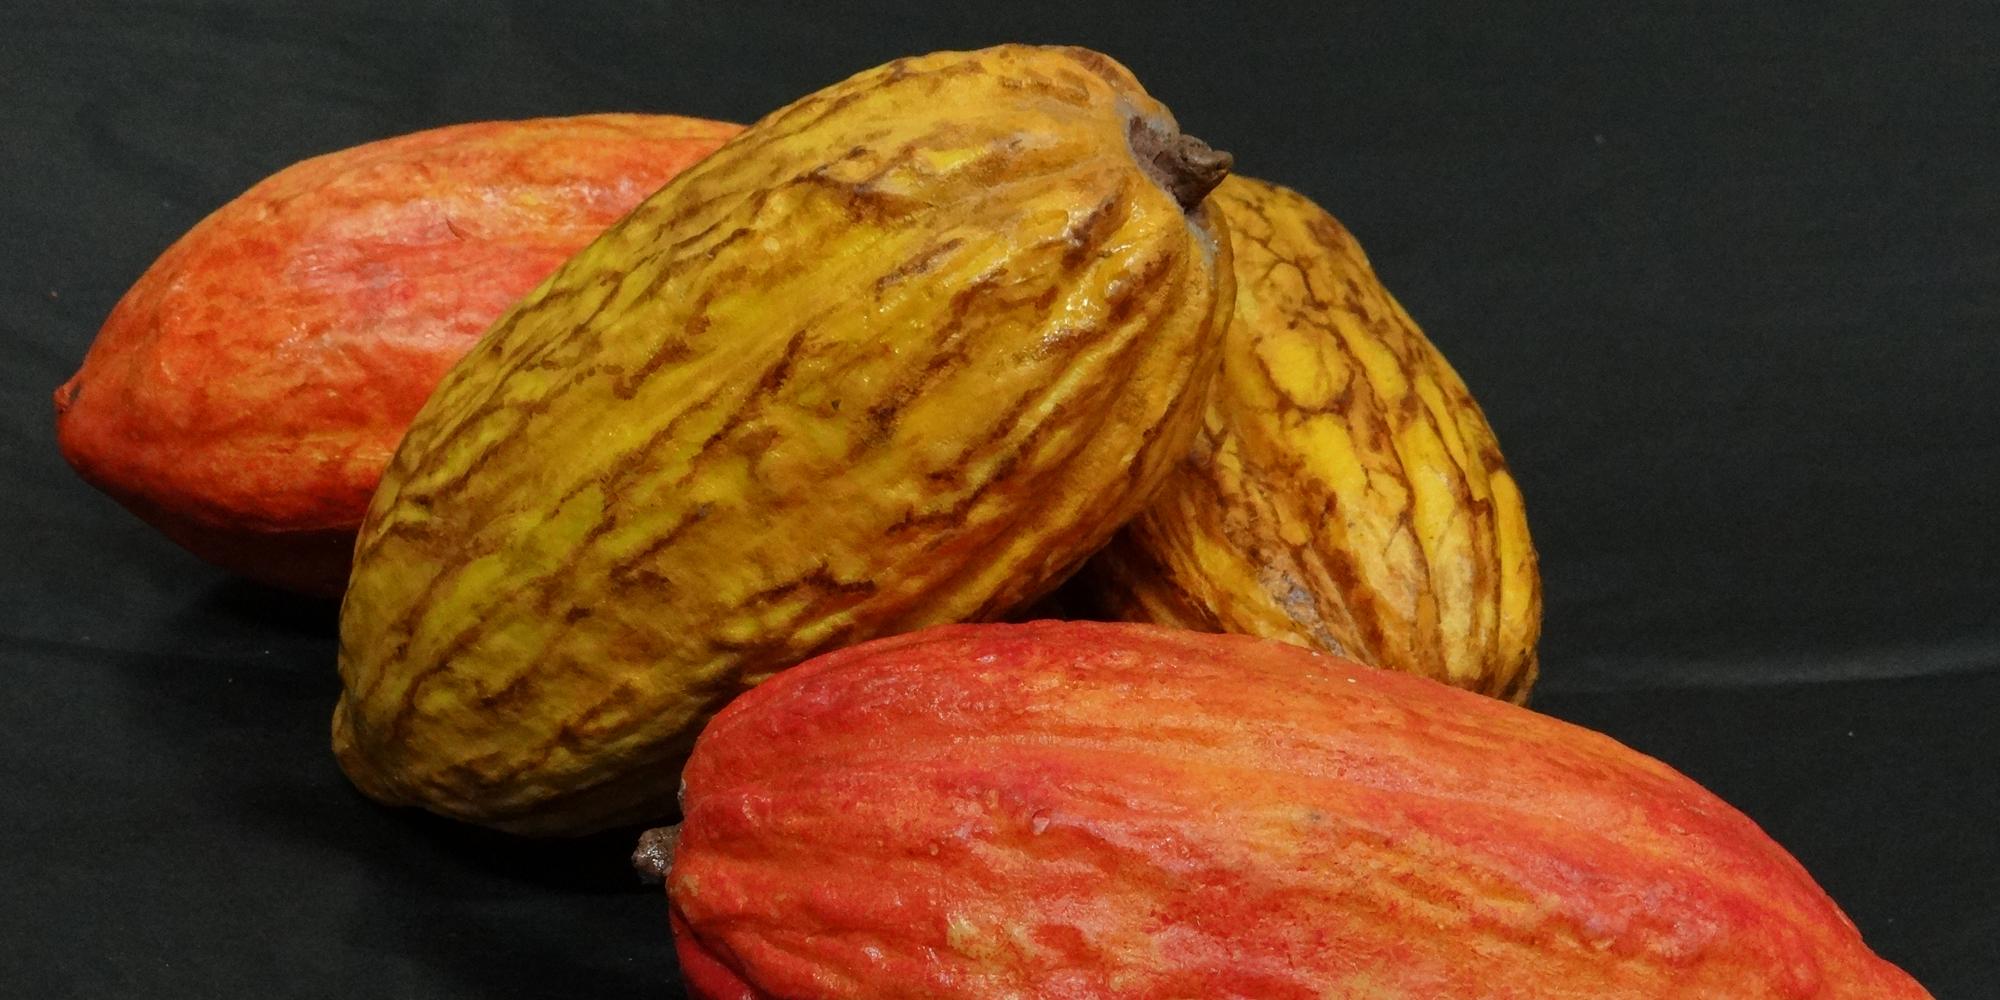 fausses cabosses de cacao sculptées en résine pour salon professionnel